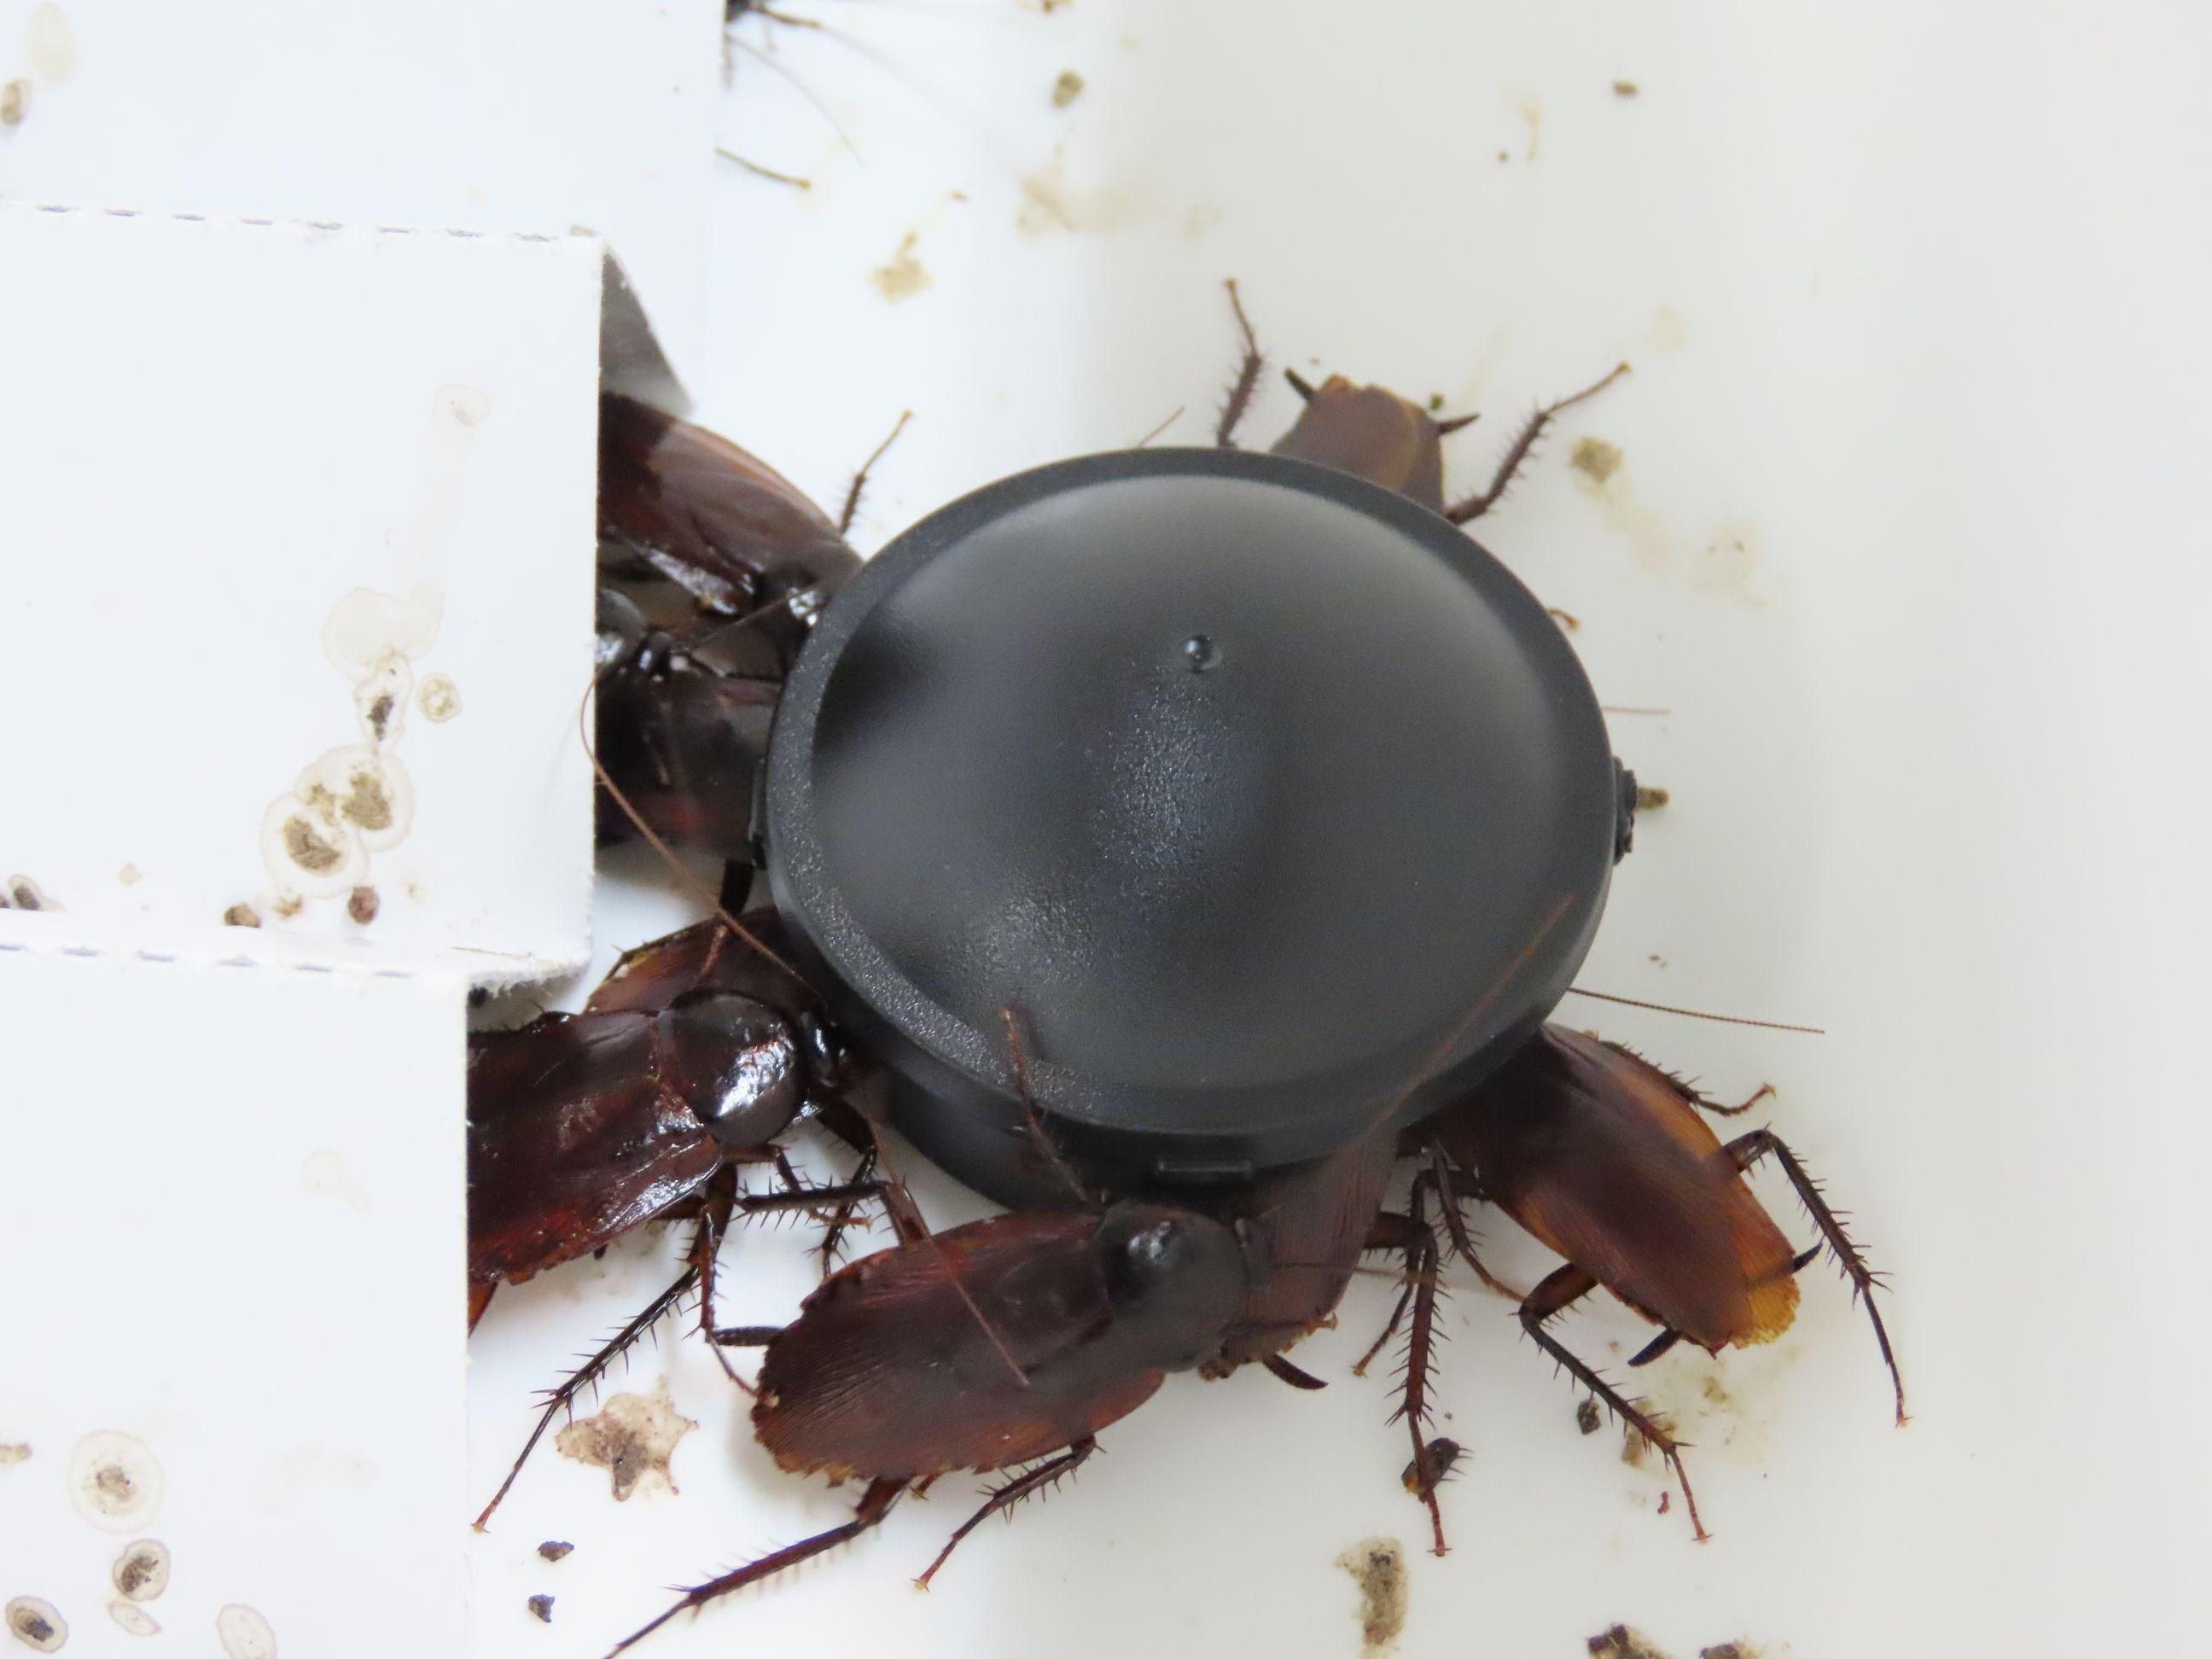 フタ付きのブラックキャップに群がるクロゴキブリ